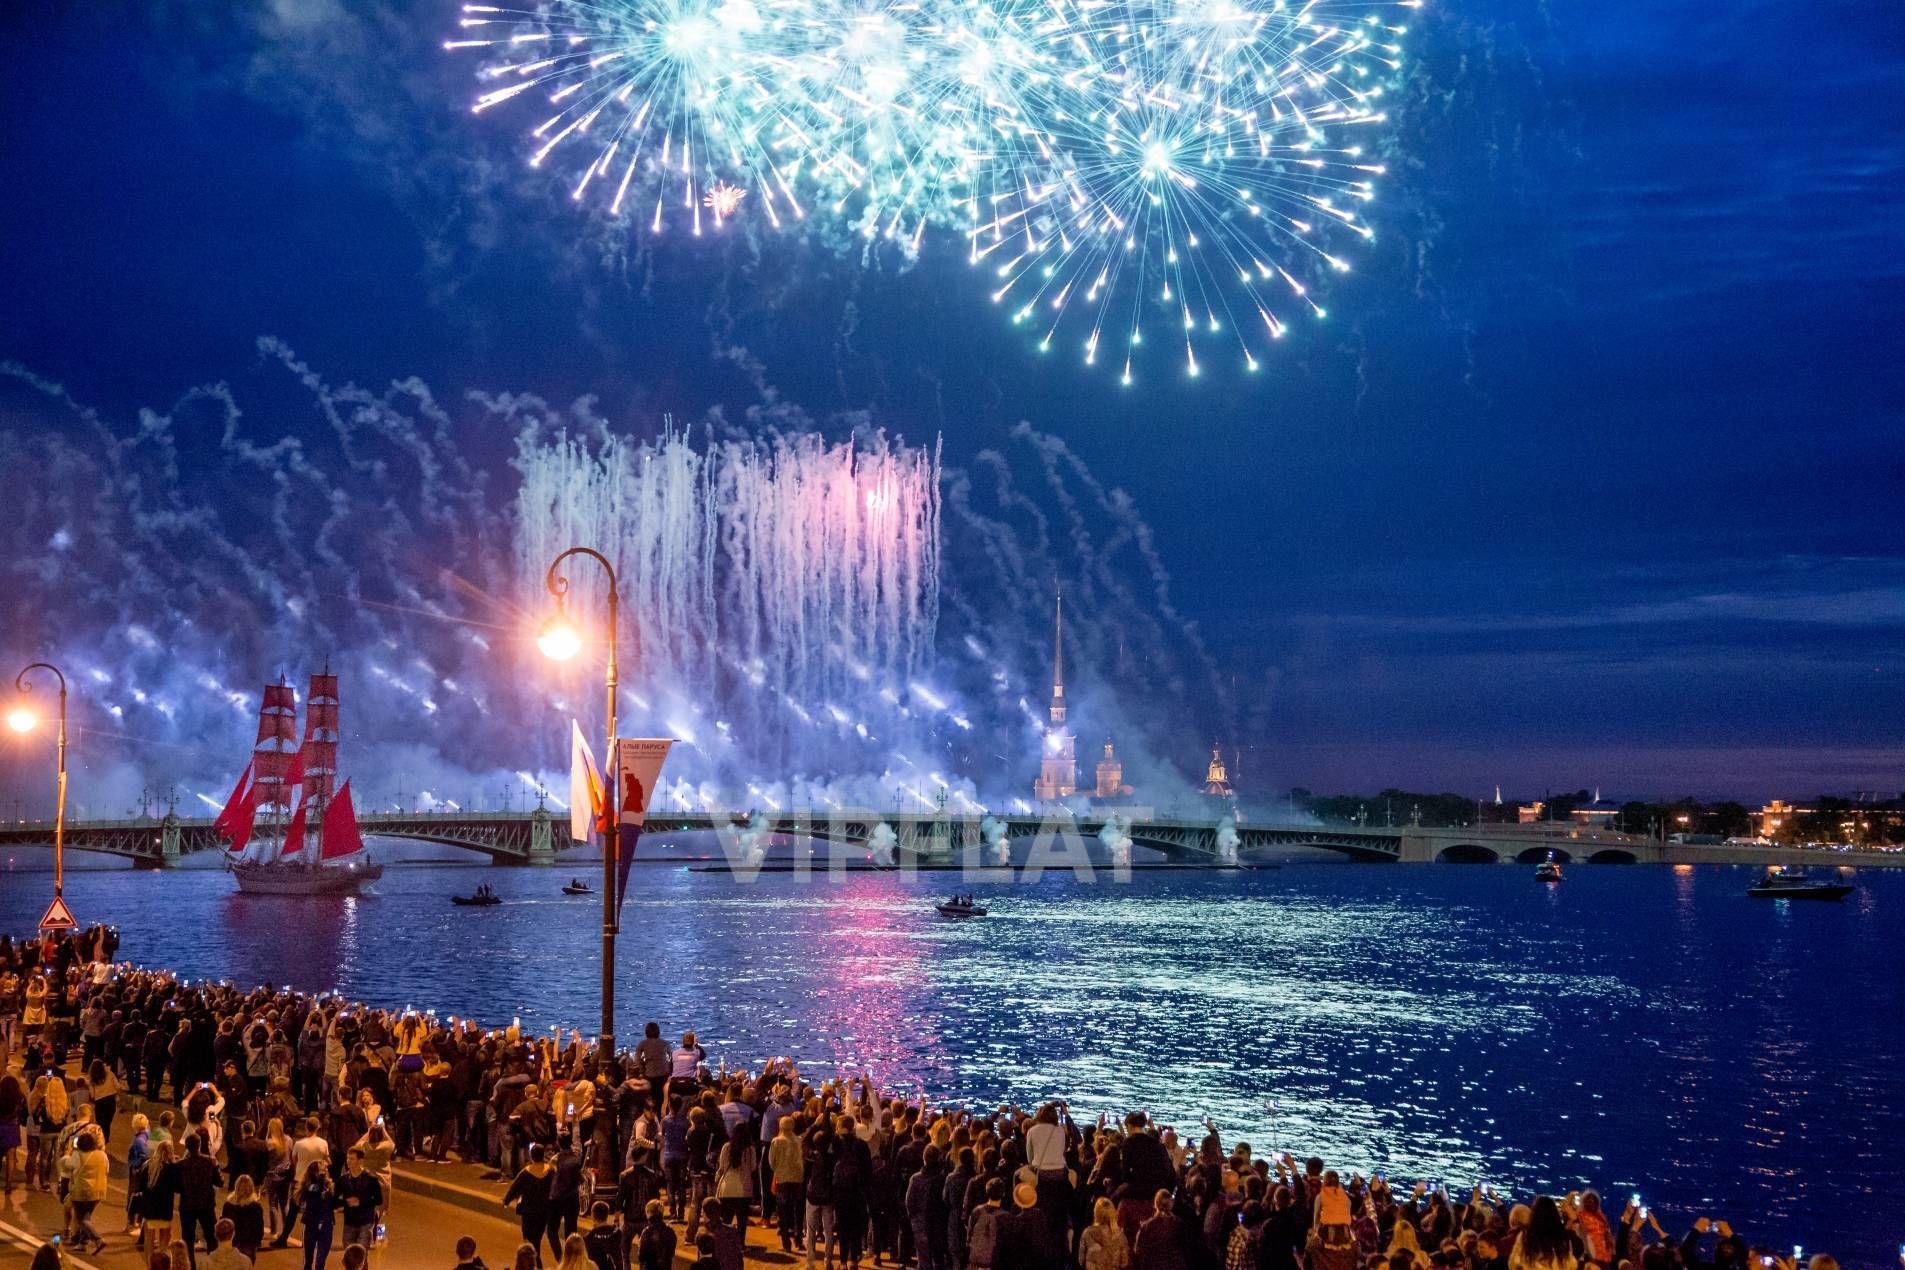 Продажа элитных квартир Санкт-Петербурга. Кутузова наб., 24 С балкона открывается вид на праздничный салют